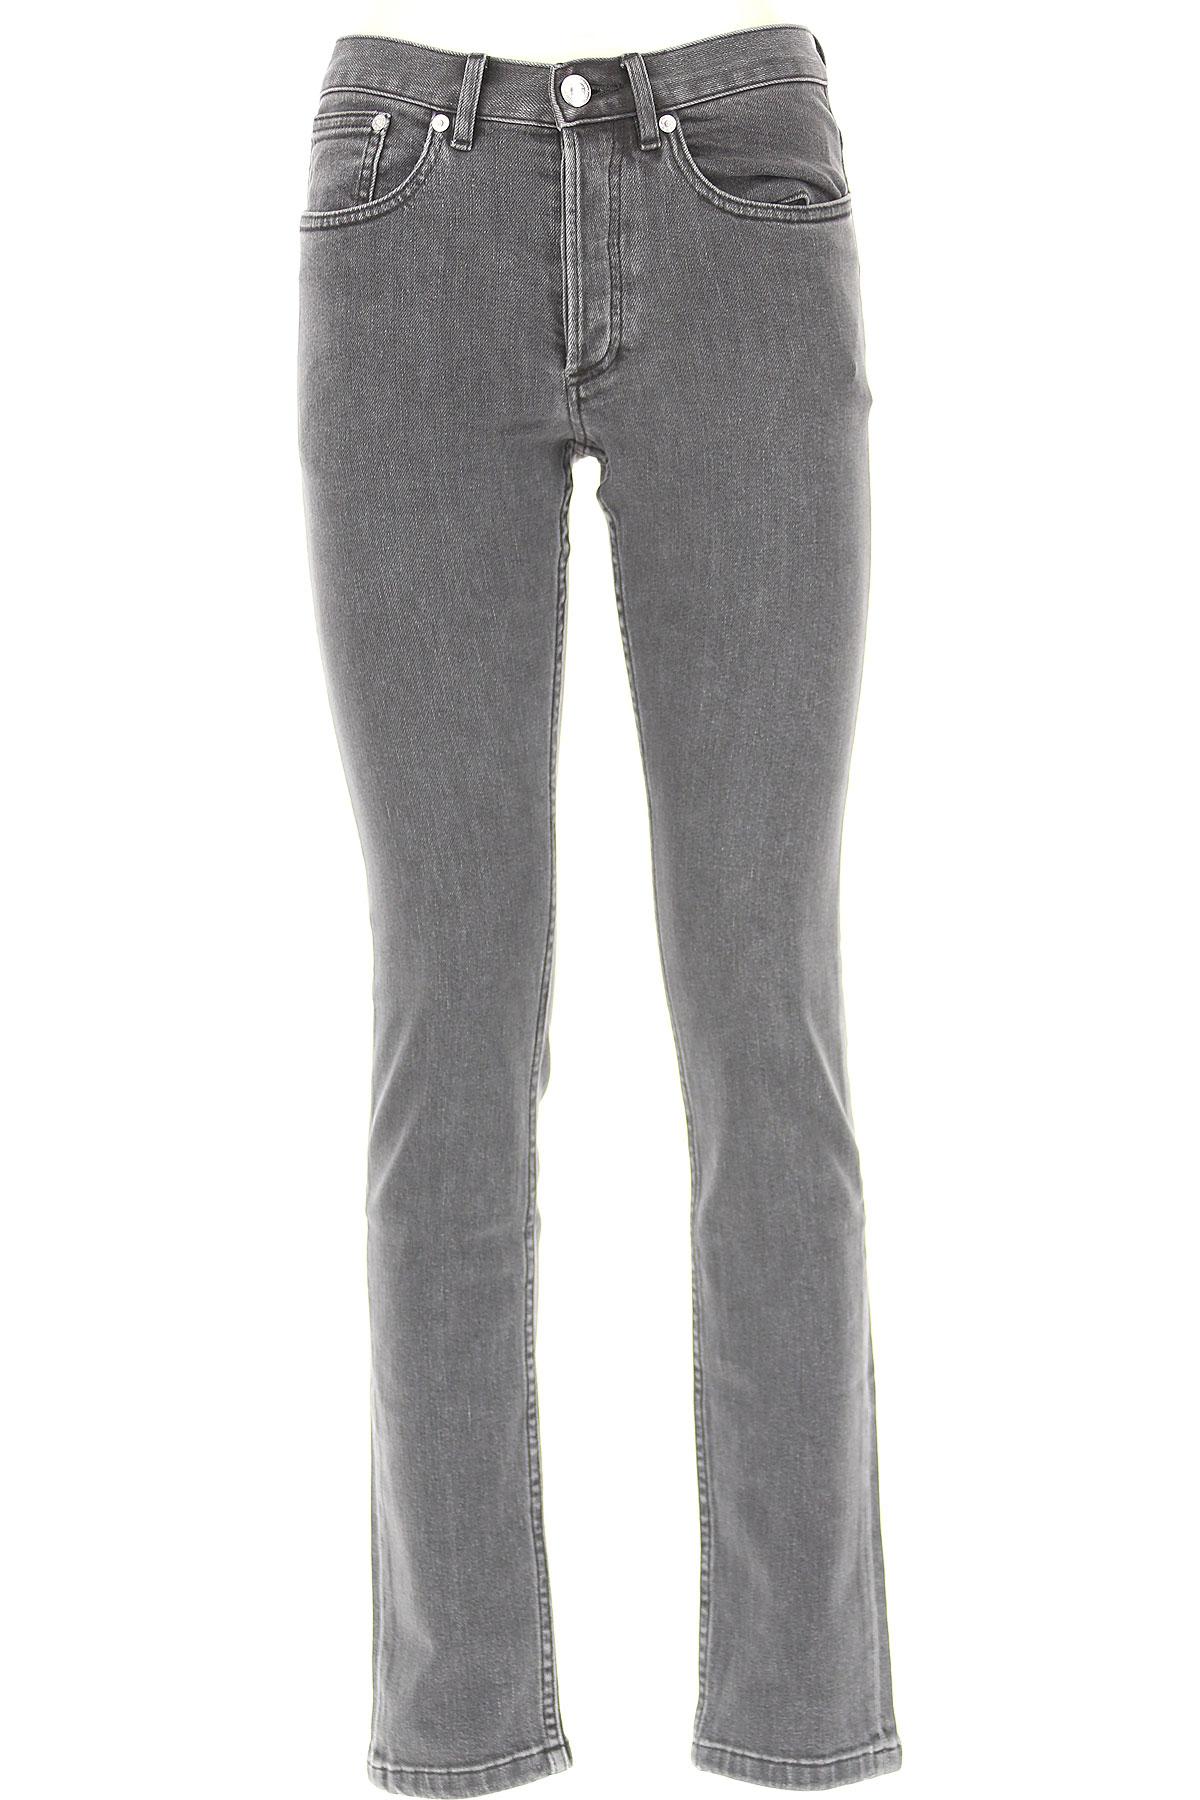 Image of A.P.C Jeans, Black Denim, Cotton, 2017, 26 27 28 29 30